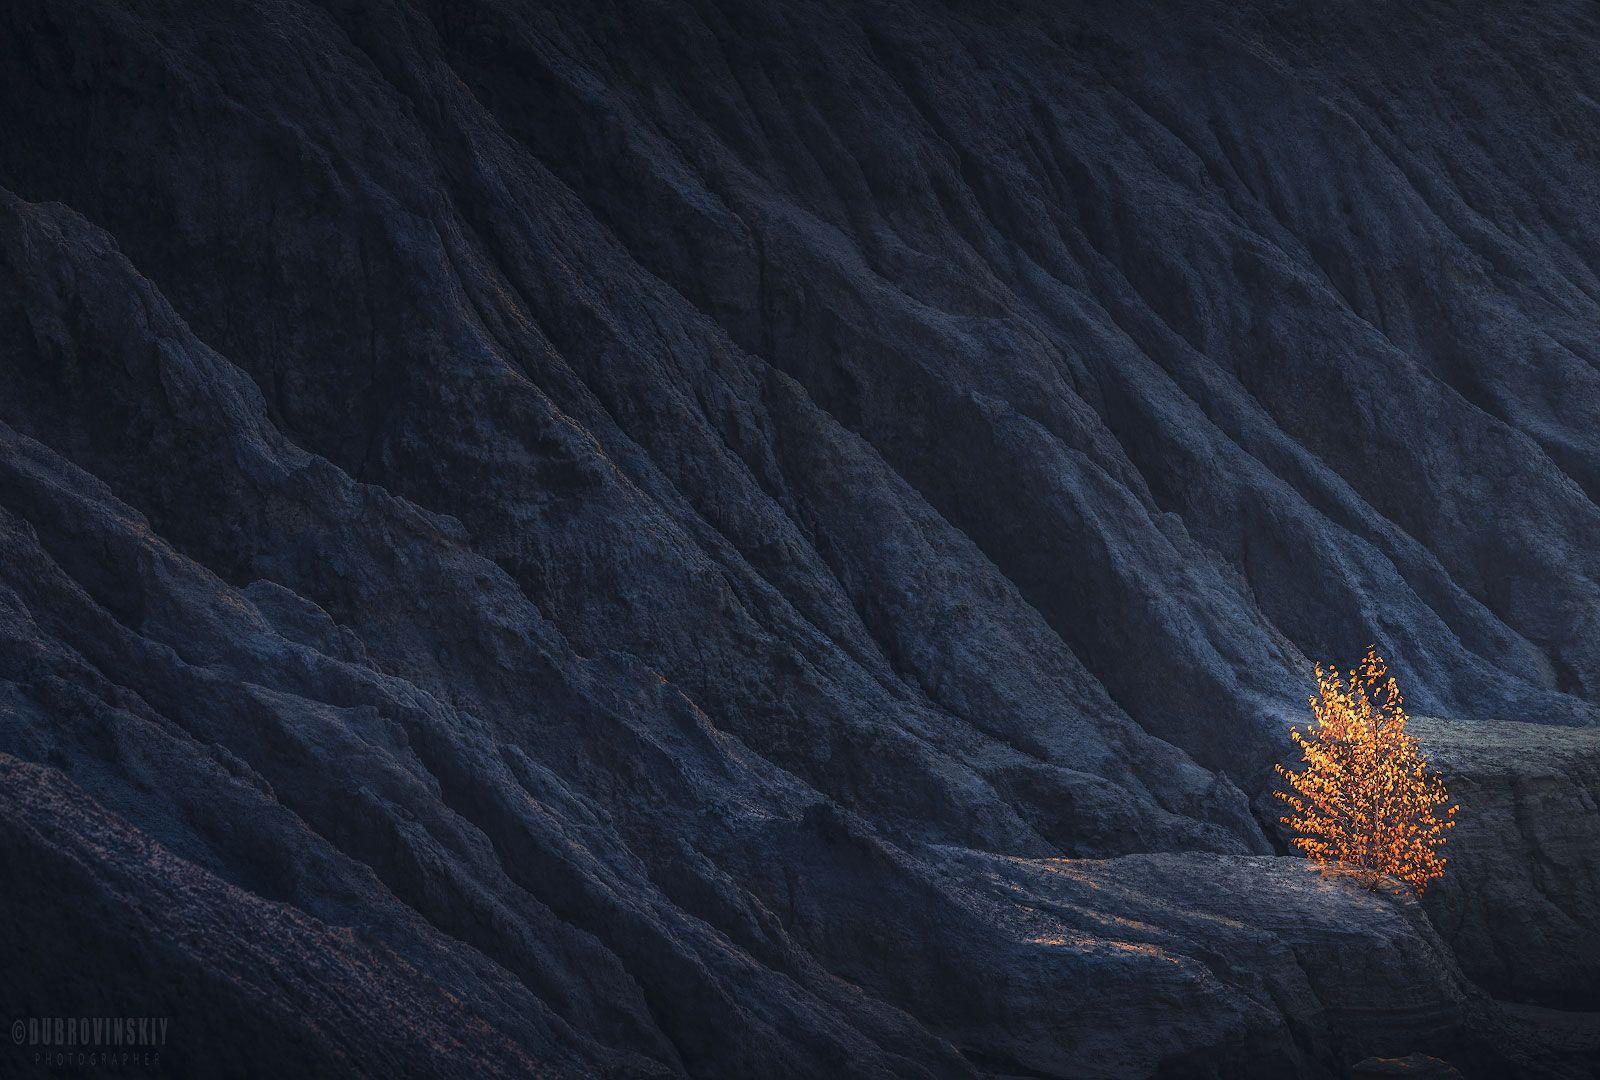 дерево, осень, карьер, тульская область, романцевские горы, Дубровинский Михаил